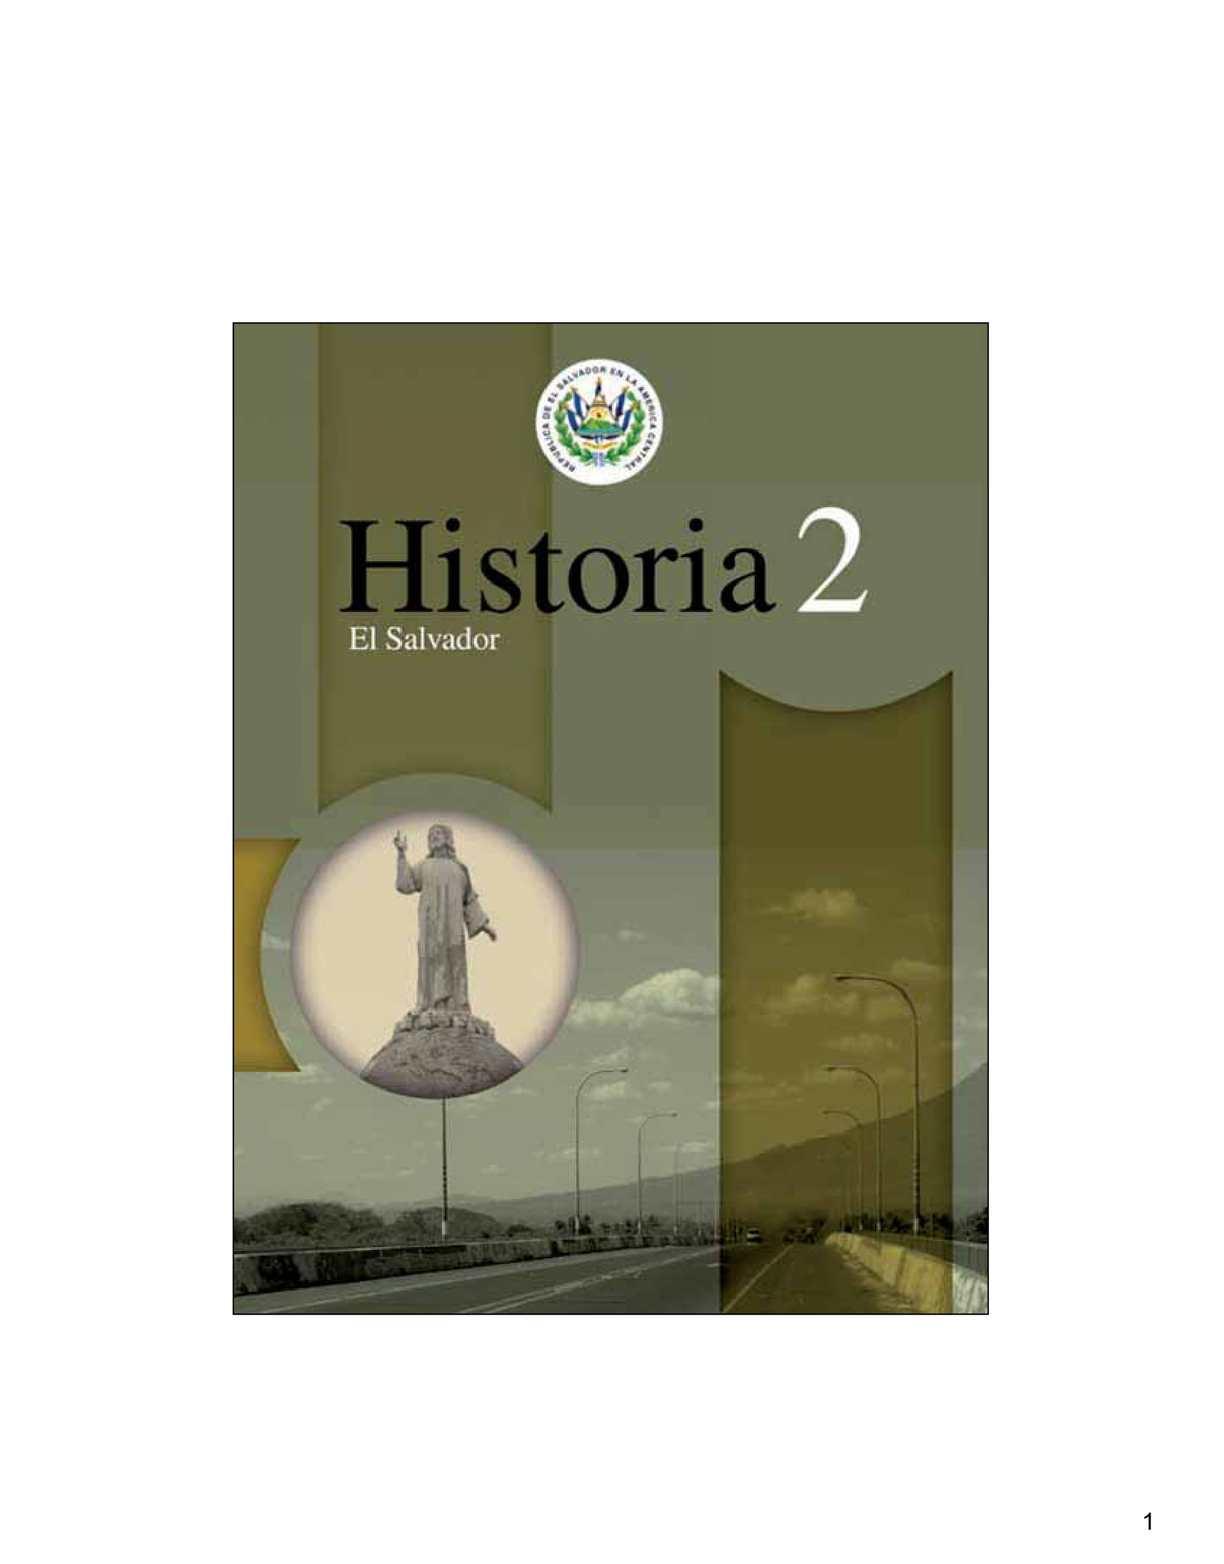 Calaméo - Historia de El Salvador 02